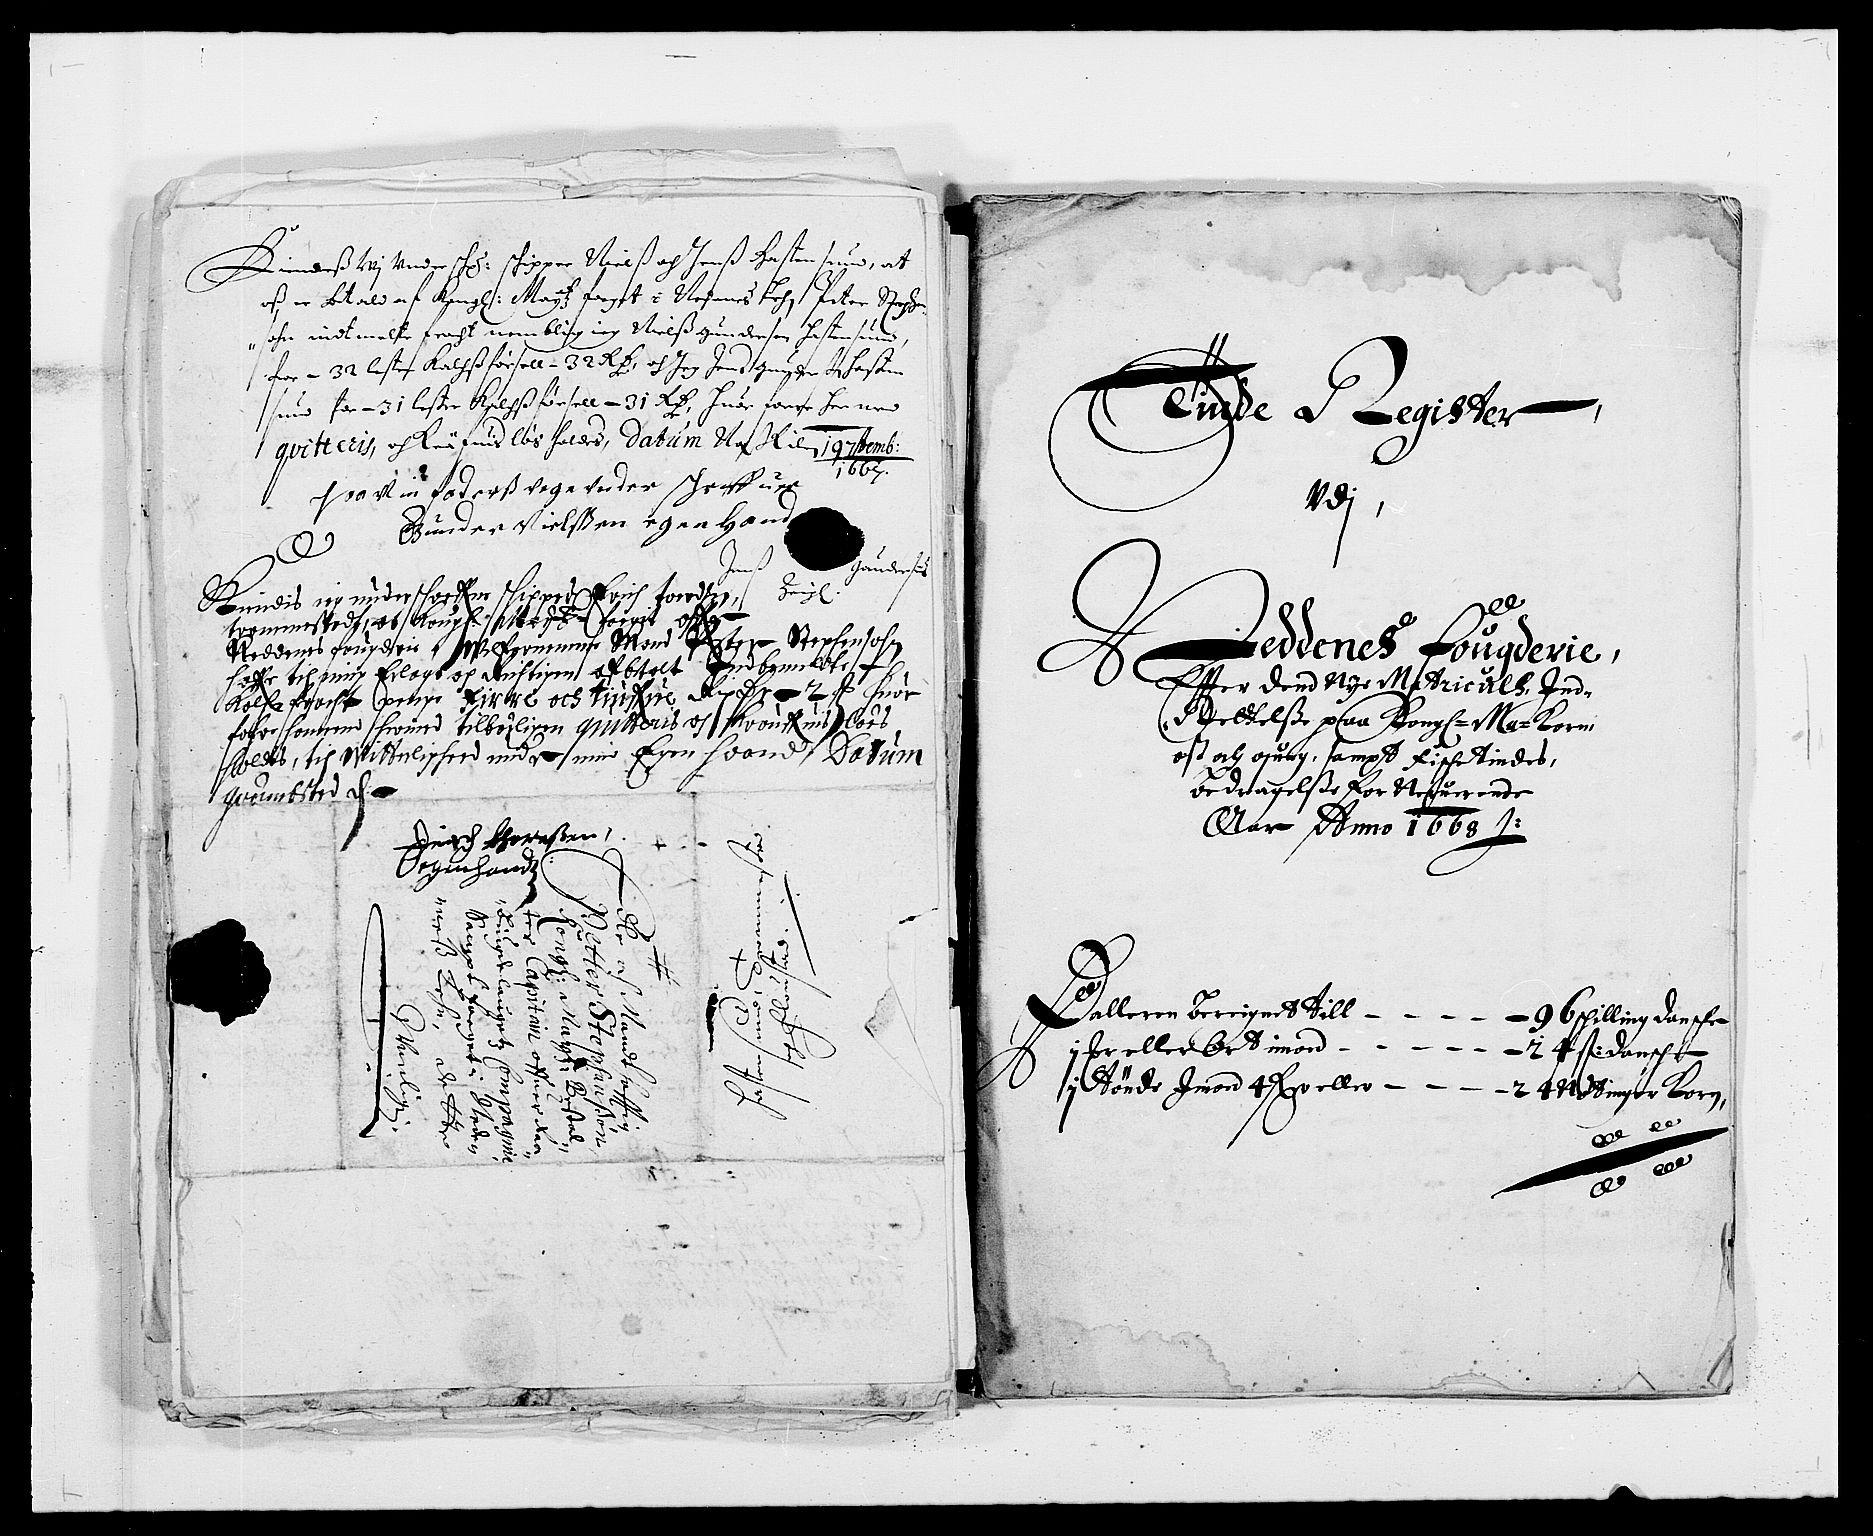 RA, Rentekammeret inntil 1814, Reviderte regnskaper, Fogderegnskap, R39/L2298: Fogderegnskap Nedenes, 1667-1669, s. 44